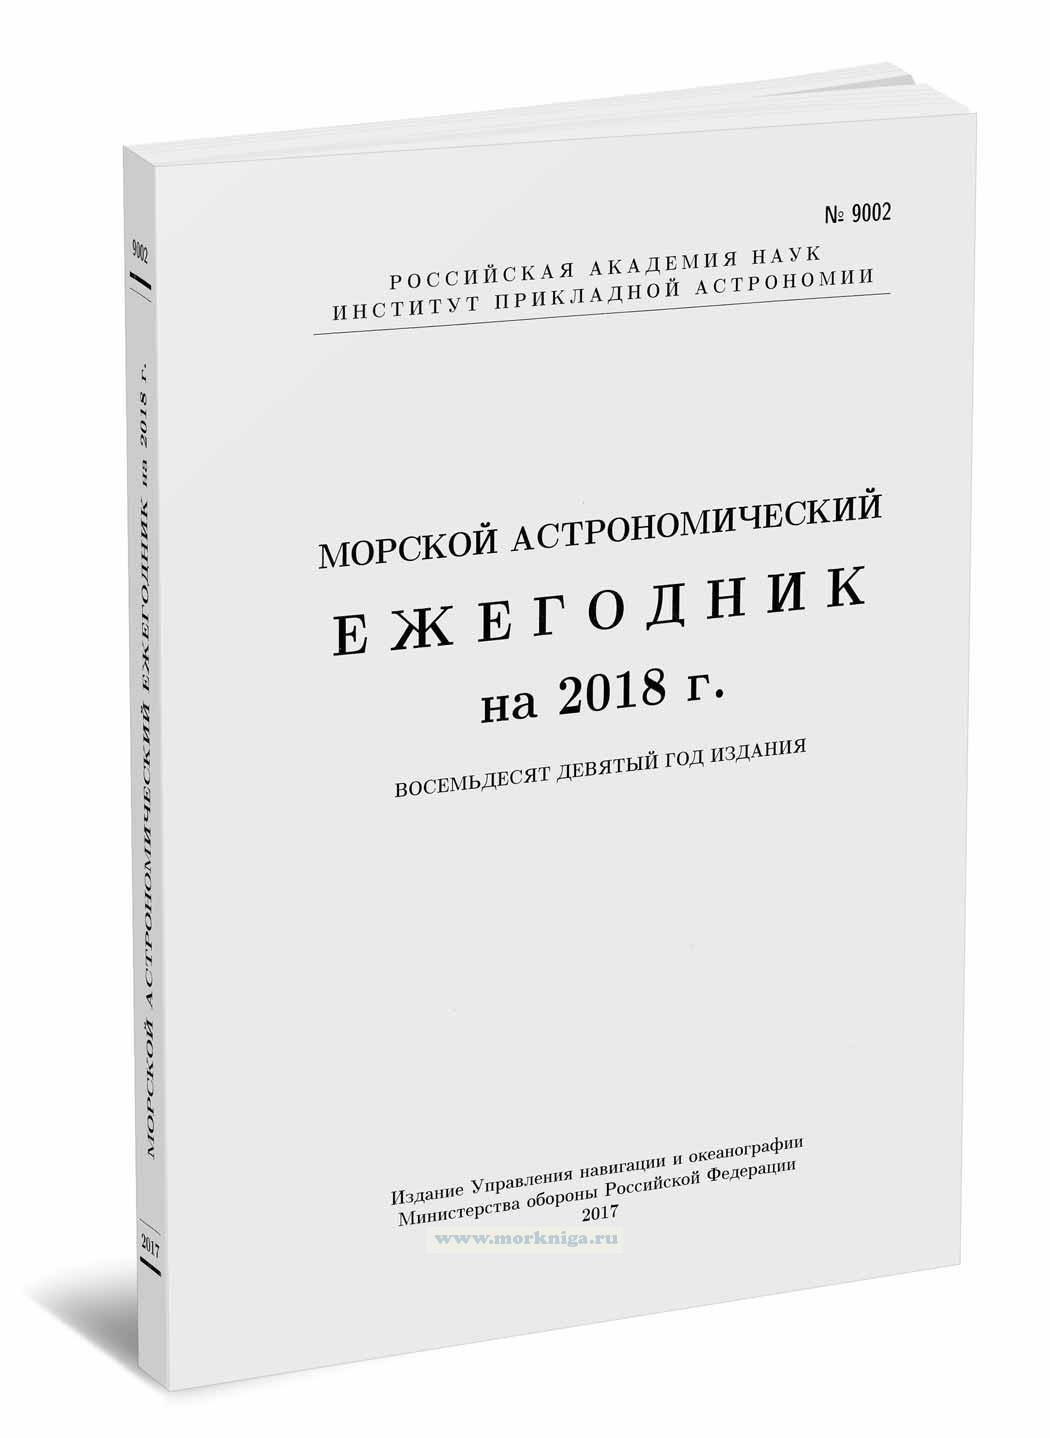 Морской Астрономический Ежегодник на 2018. Адм. № 9002